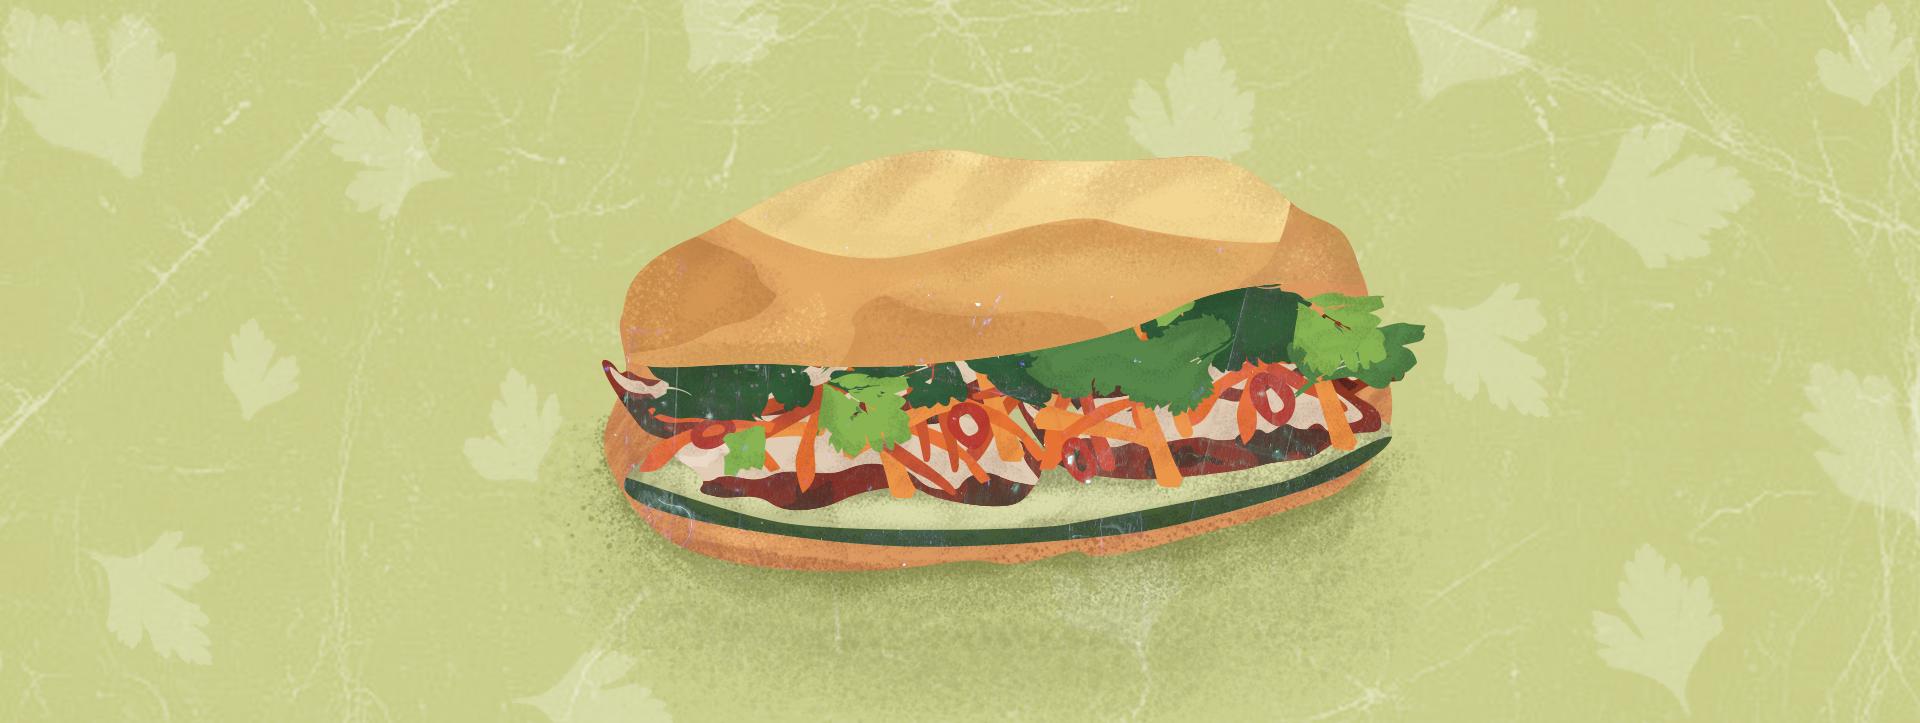 Le bánh mì à Paris, le goût et la mémoire du Vietnam